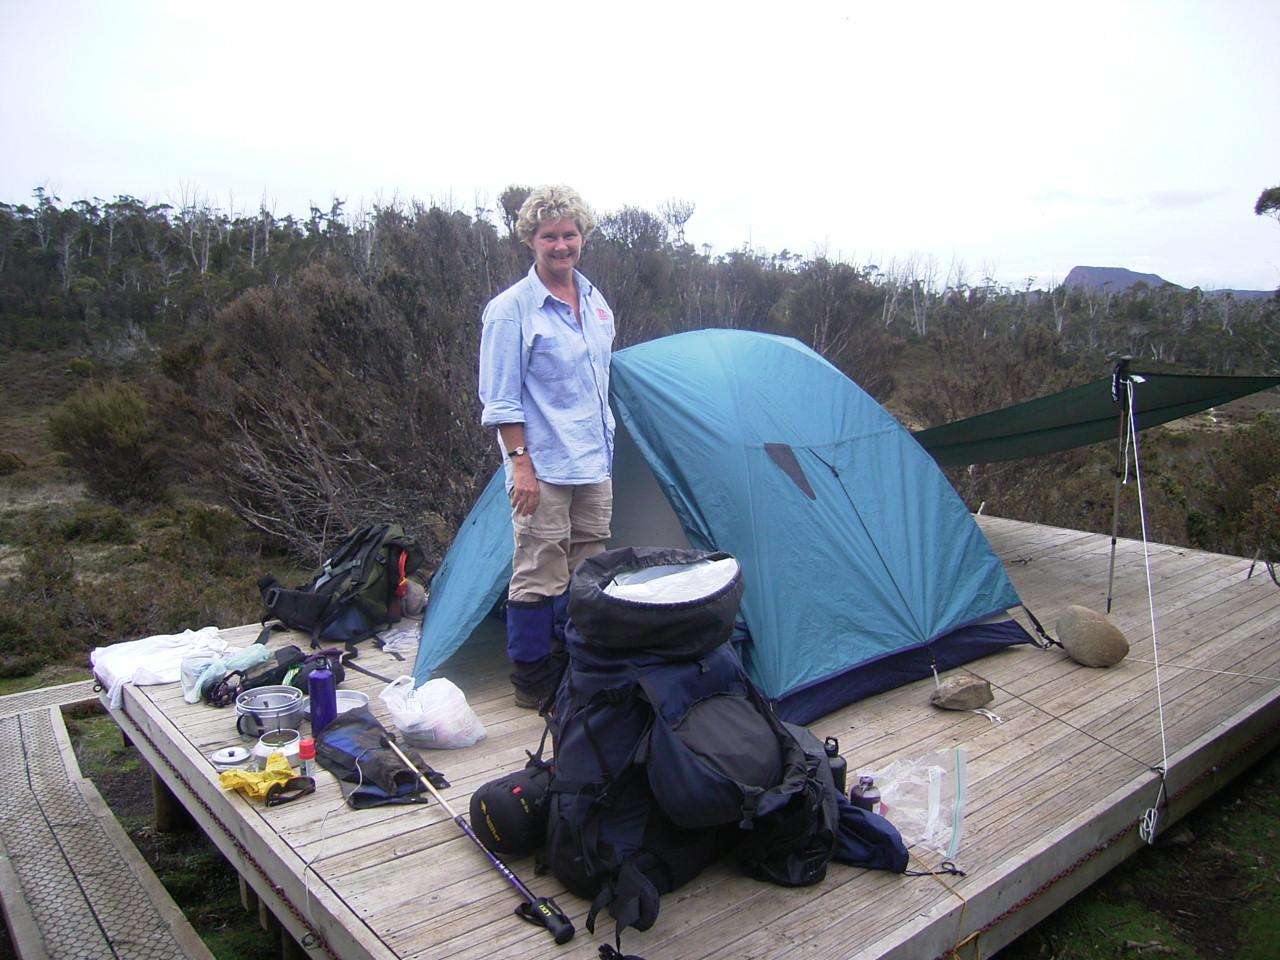 camping platform wild dog creek